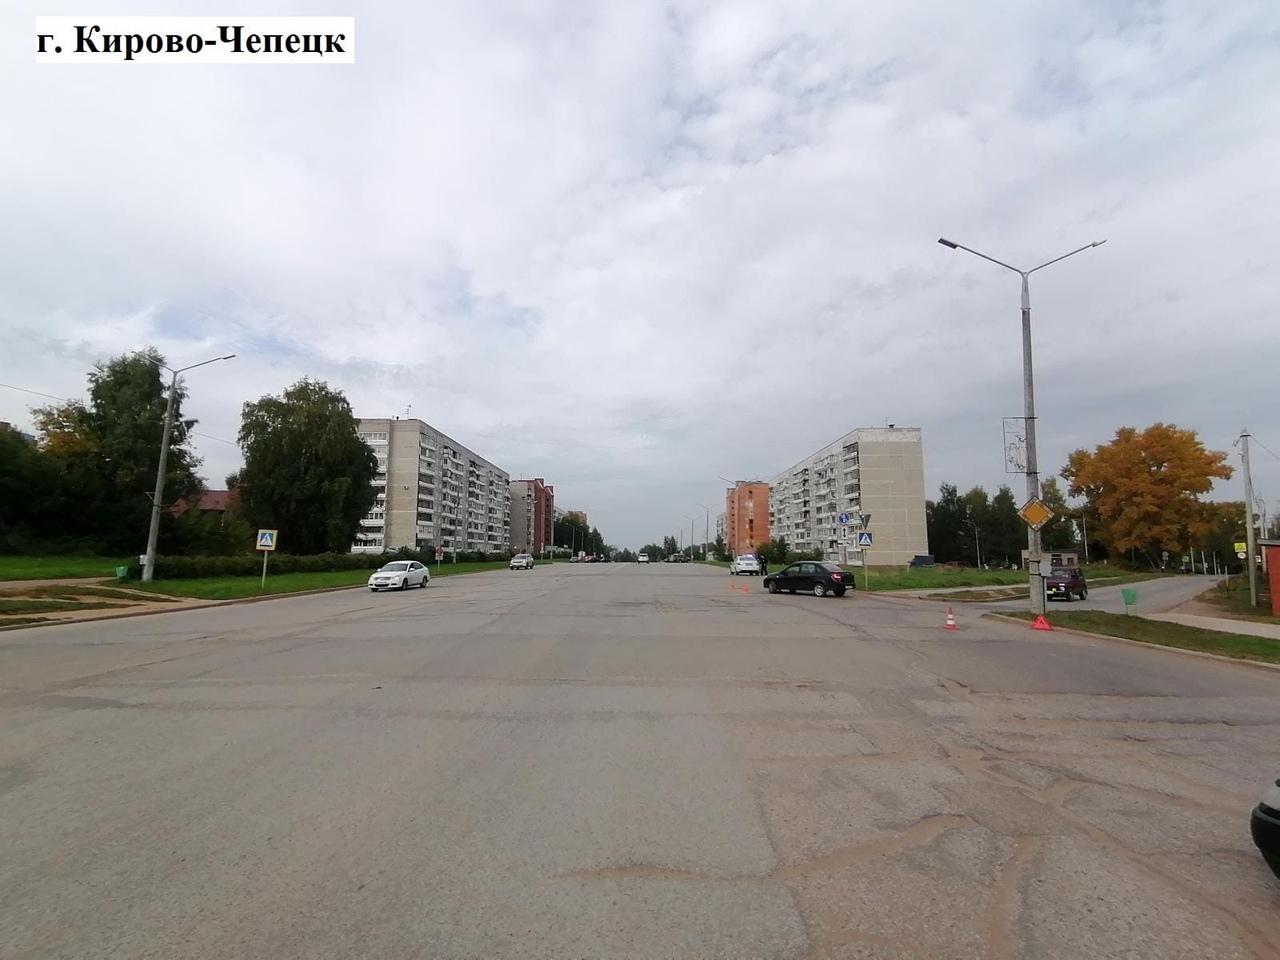 В Кирово-Чепецке на зебре «Лада» сбила 84-летнюю женщину